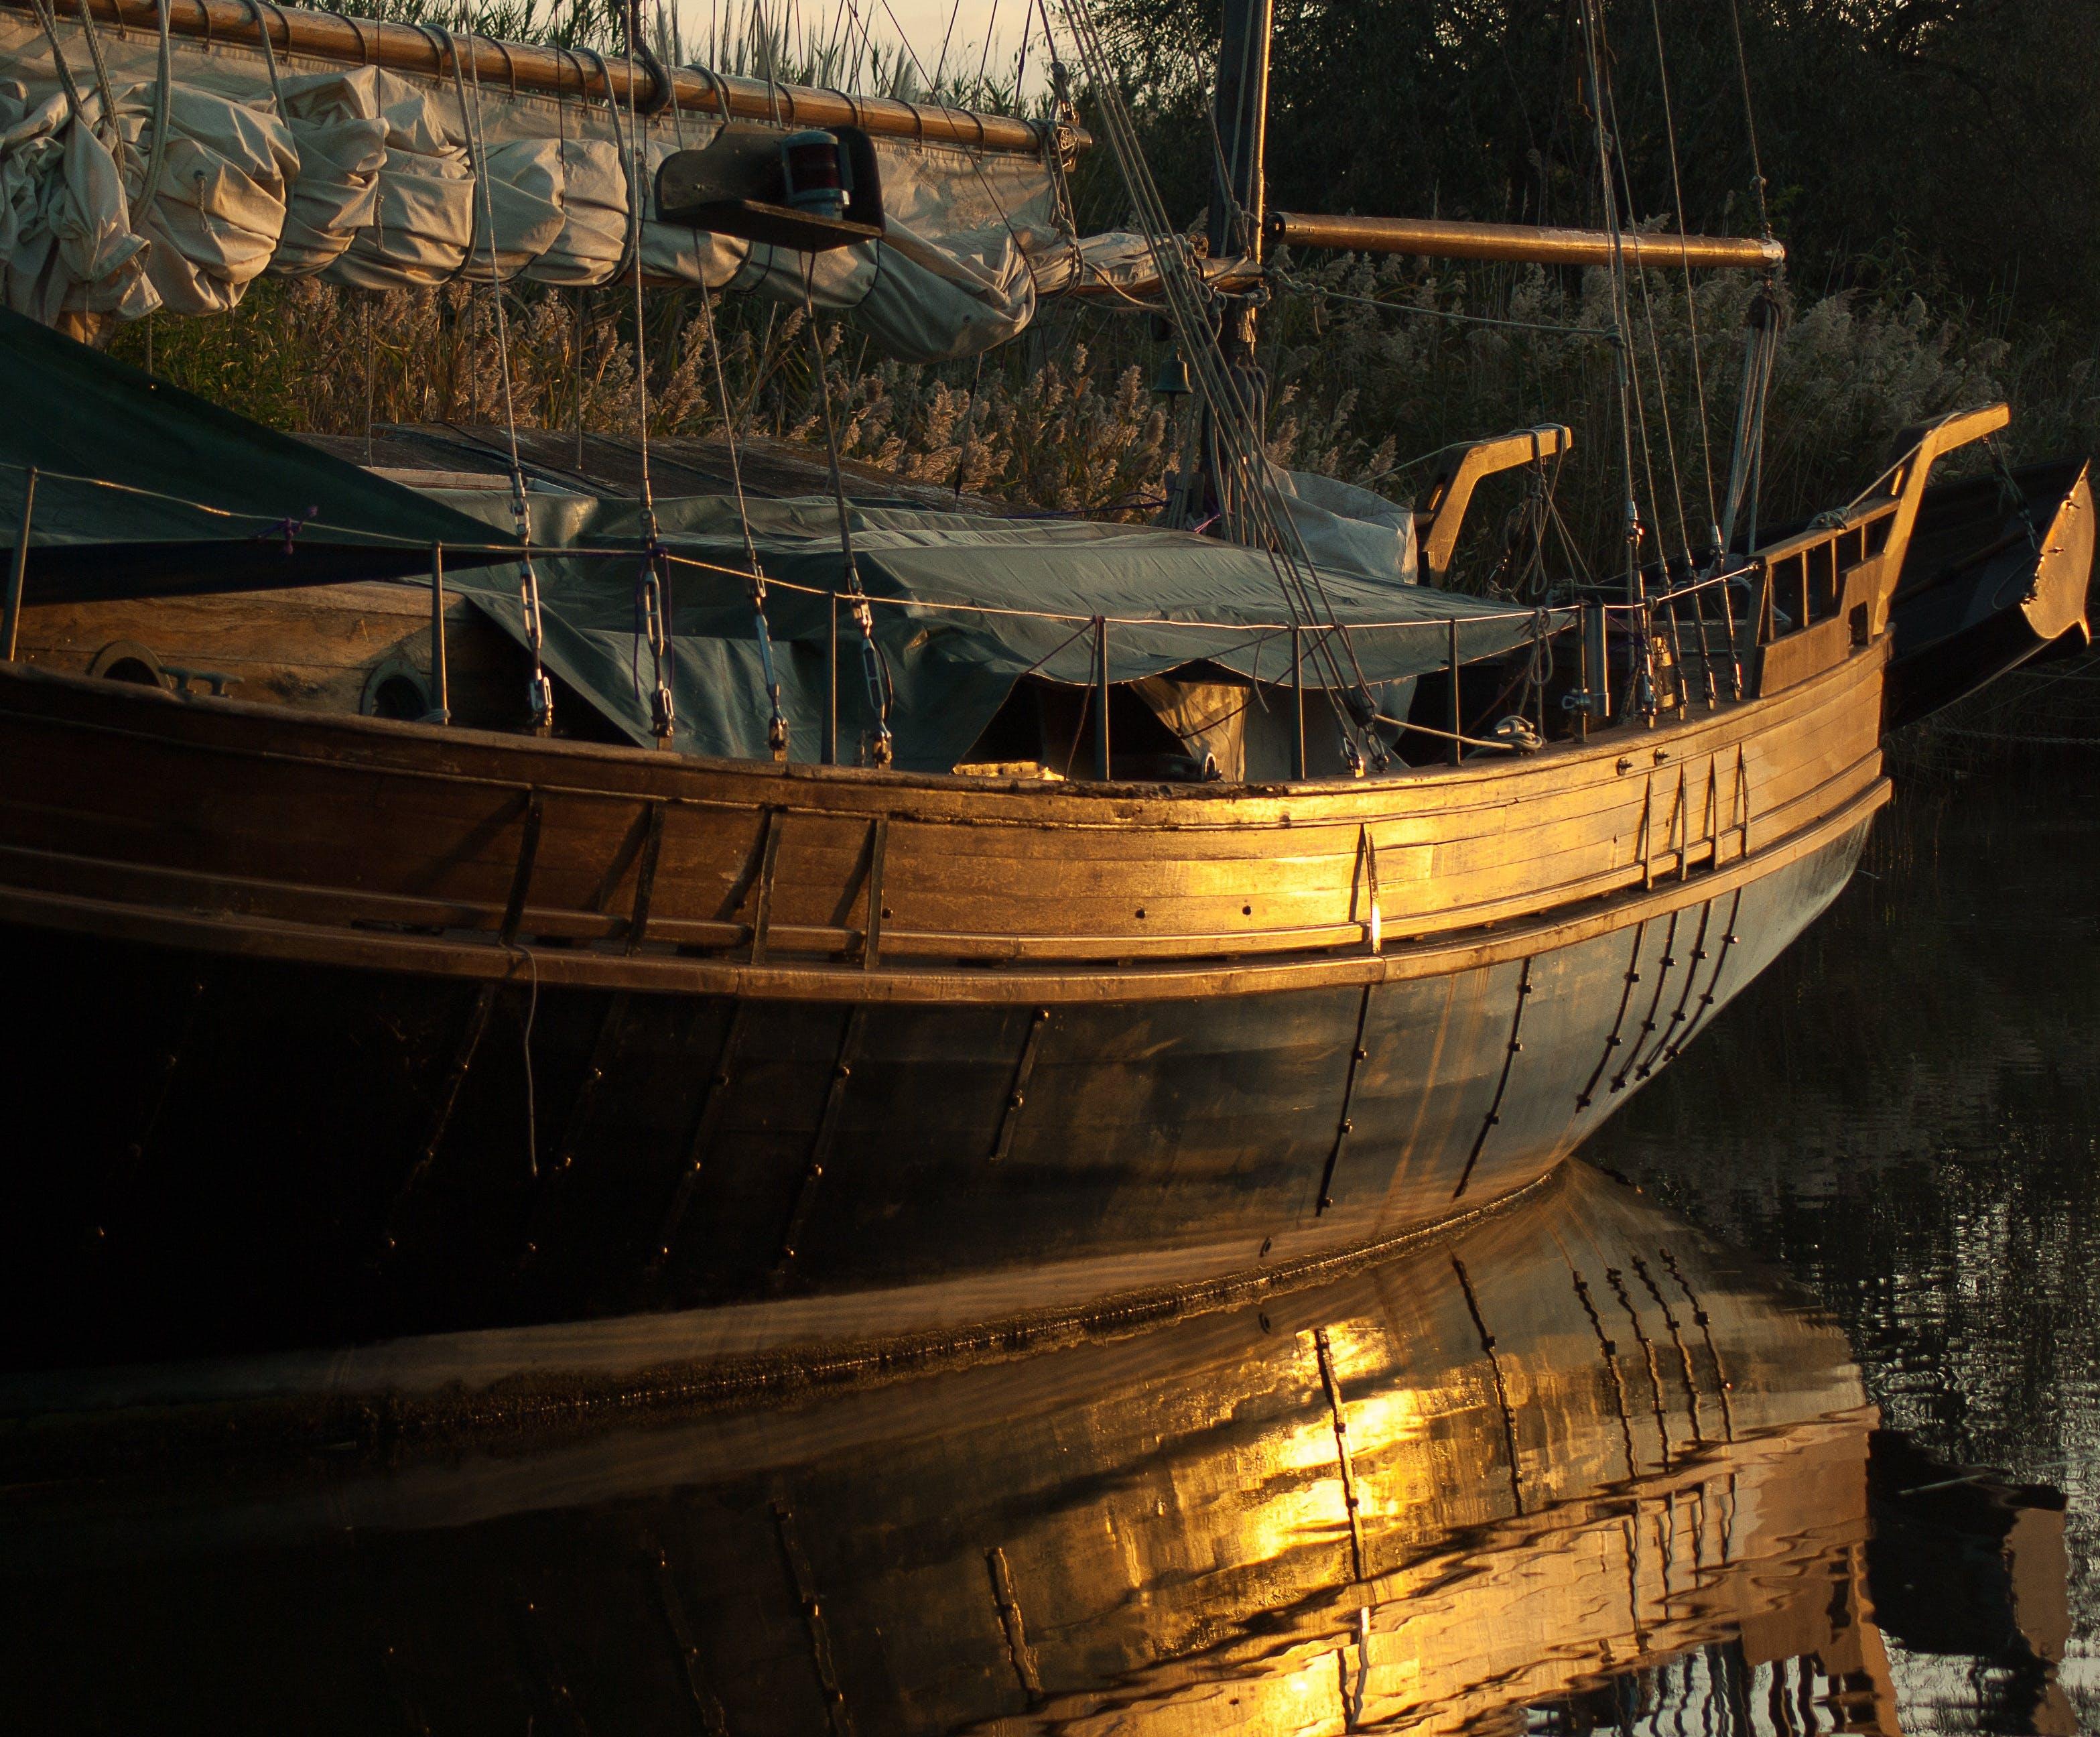 Gratis lagerfoto af båd, refleksion, sejlbåd, vand